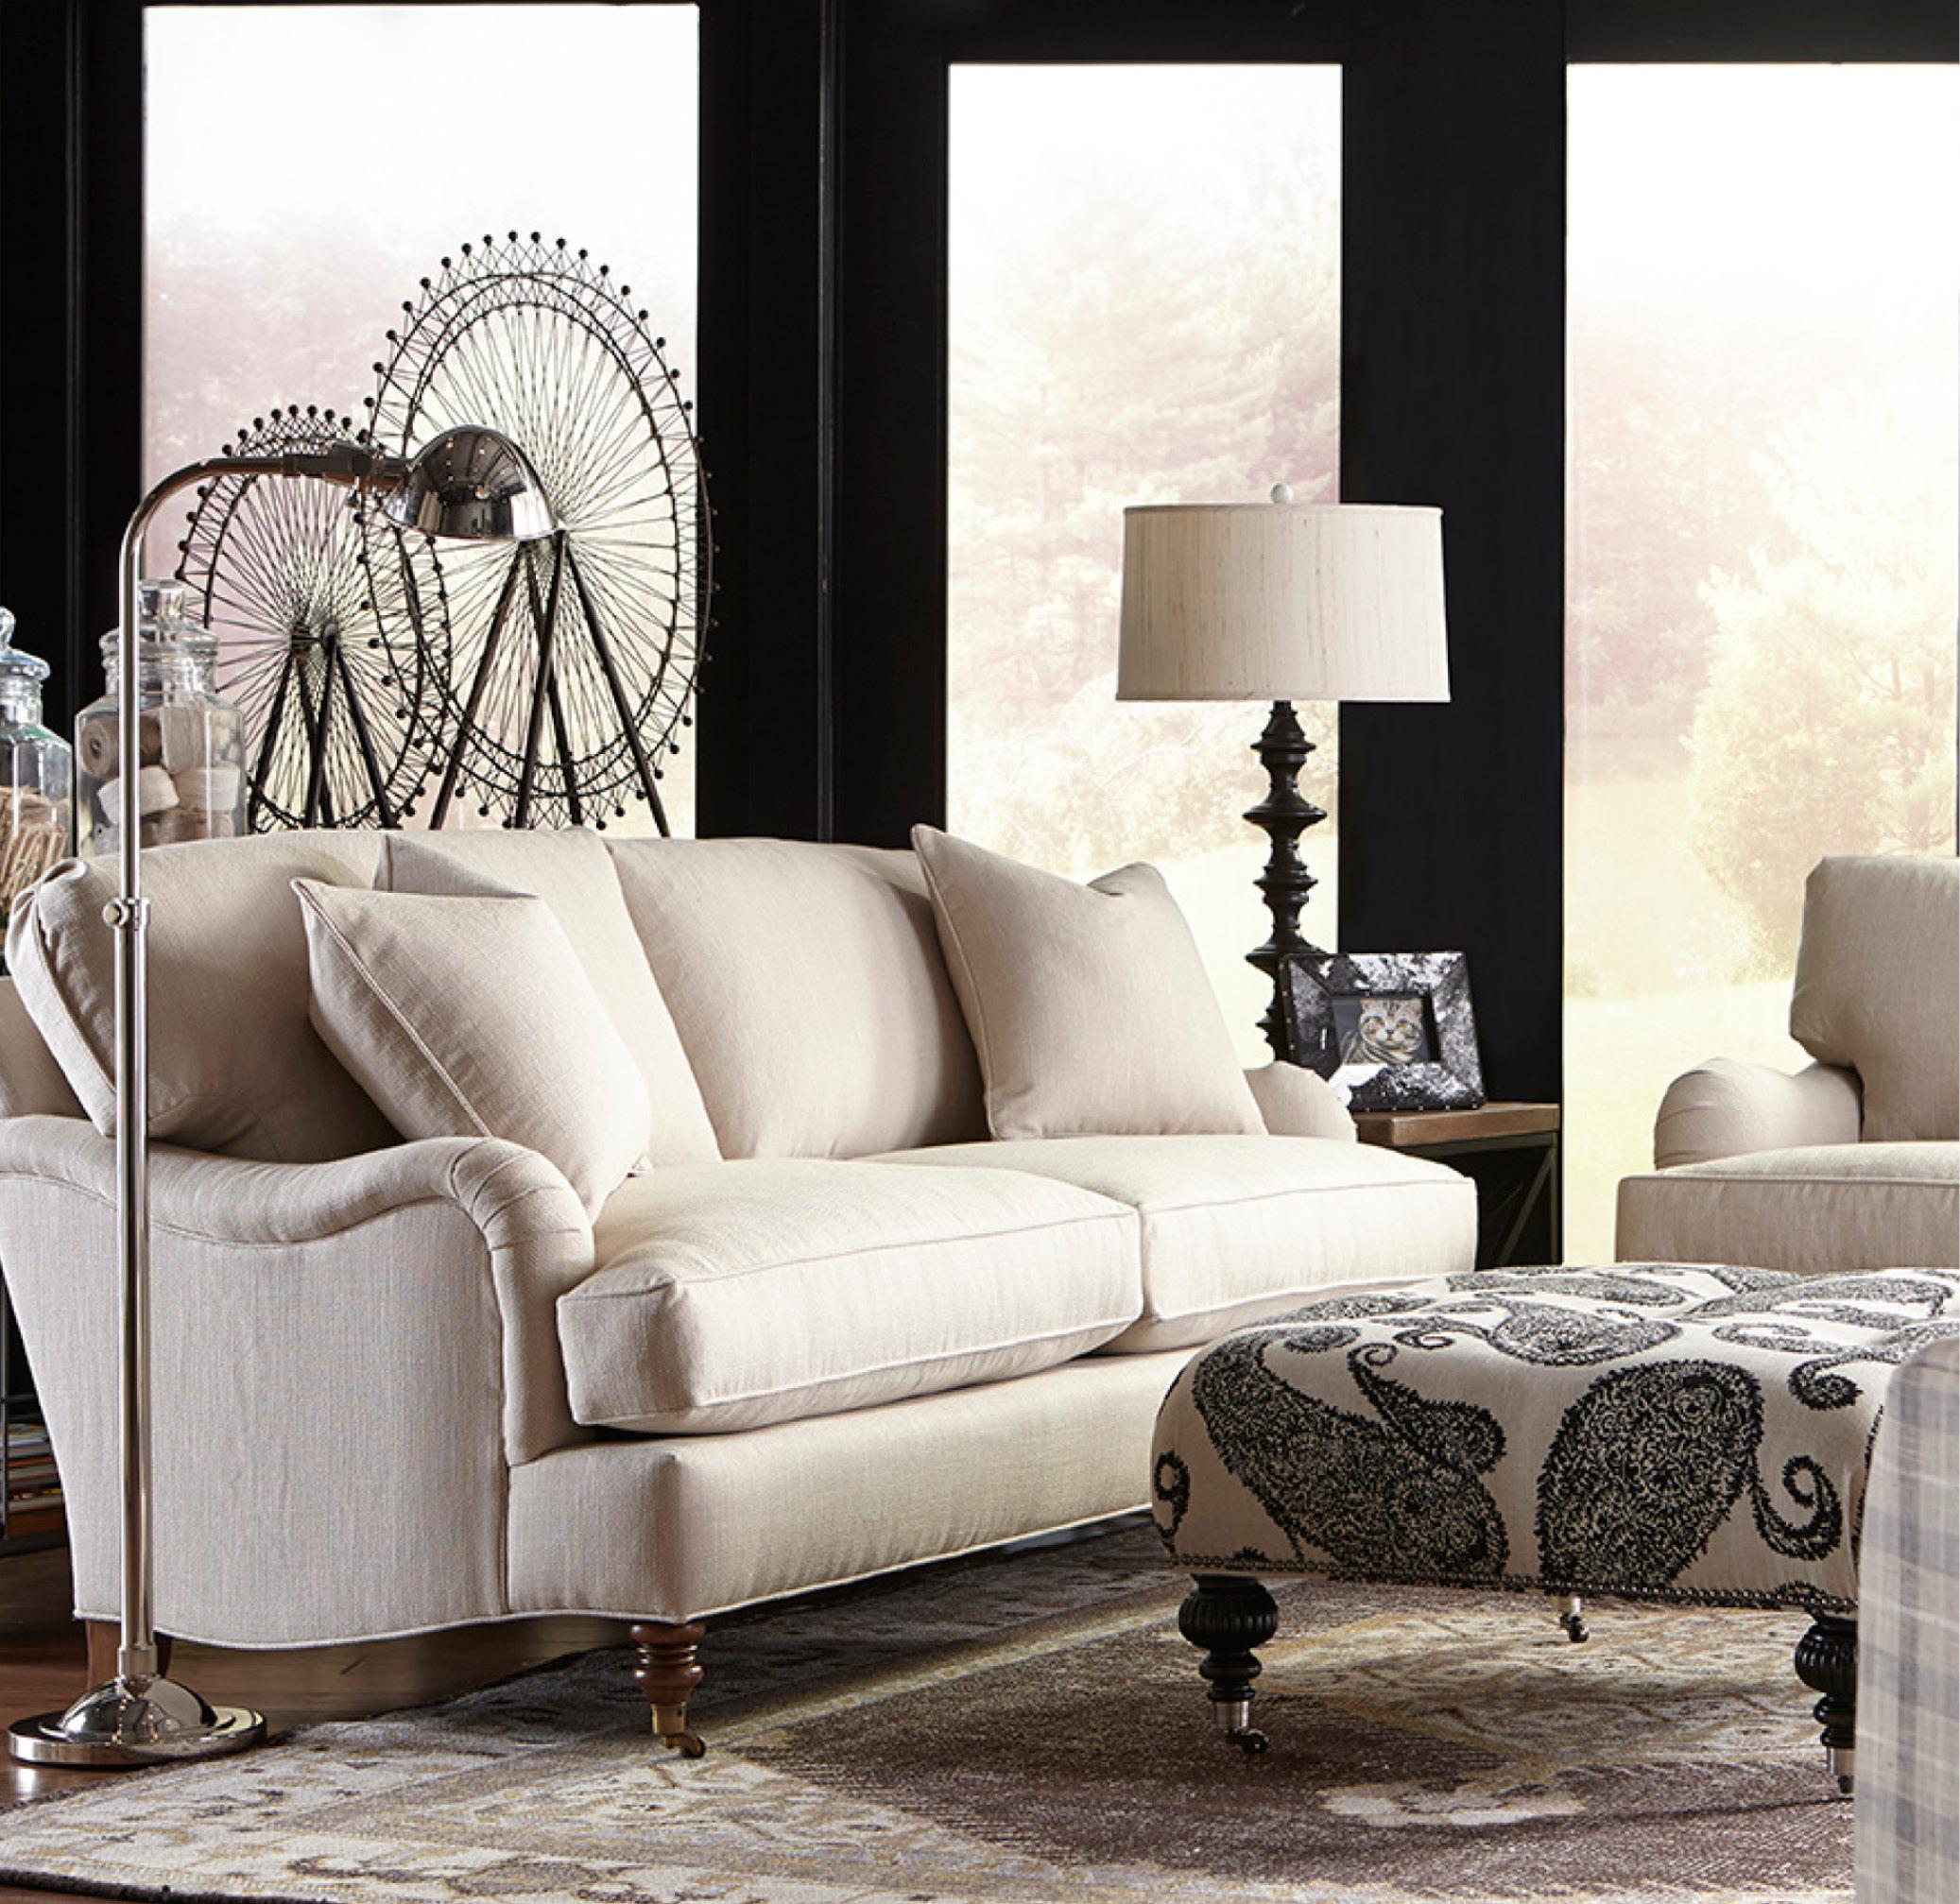 Kudzu U0026 Company Is Atlantau0027s Unique Furniture, Antiques U0026 Home Design Store